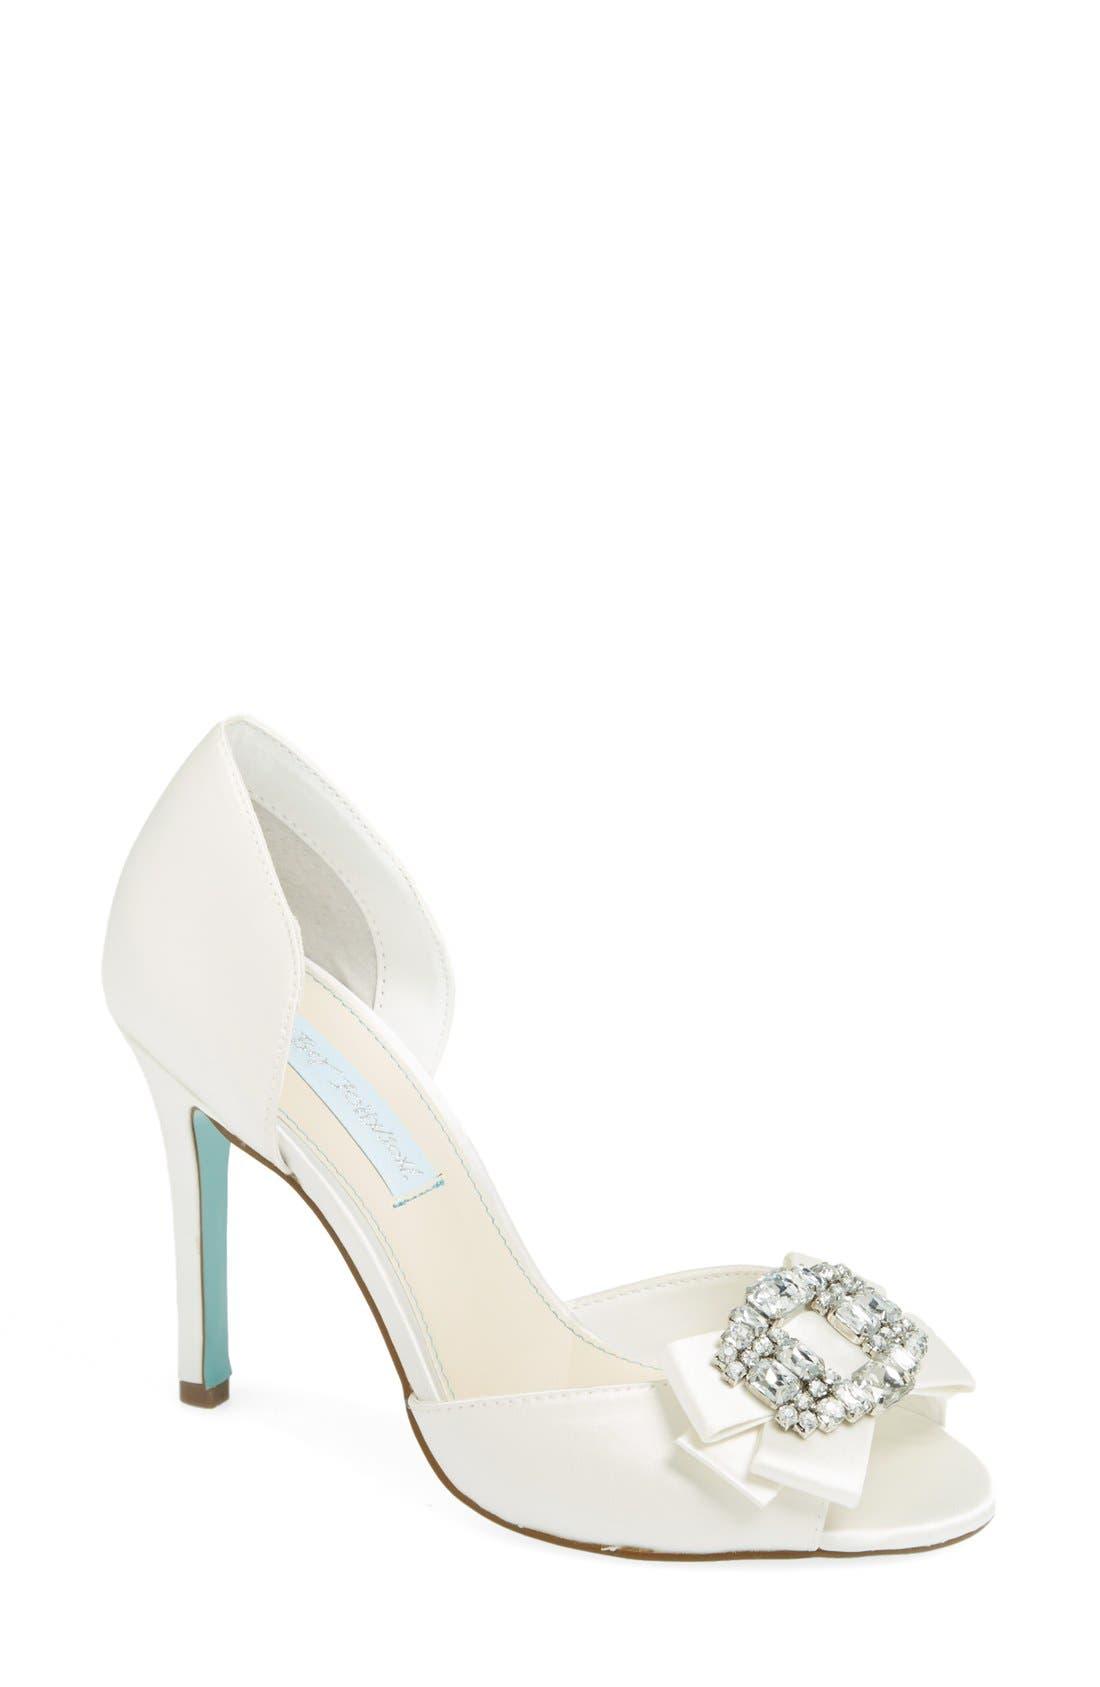 Alternate Image 1 Selected - Betsey Johnson 'Glam' Sandal